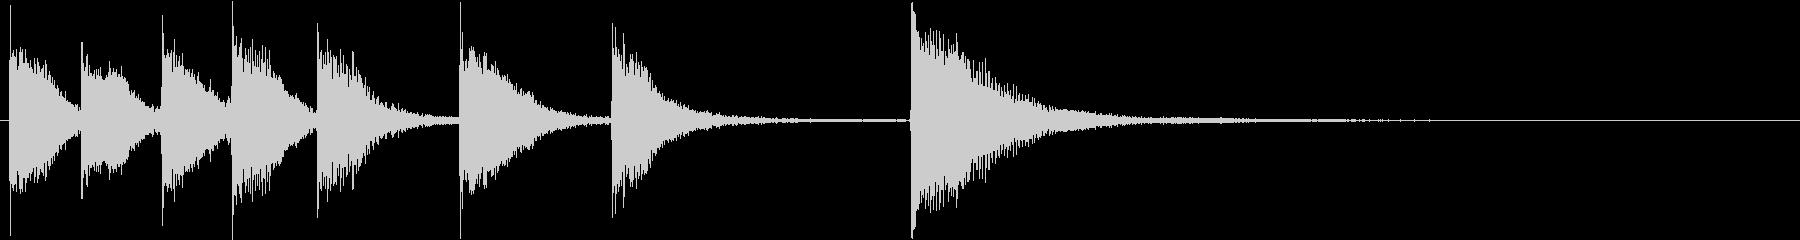 ピアノジングル 幼児向けアニメ系H-02の未再生の波形